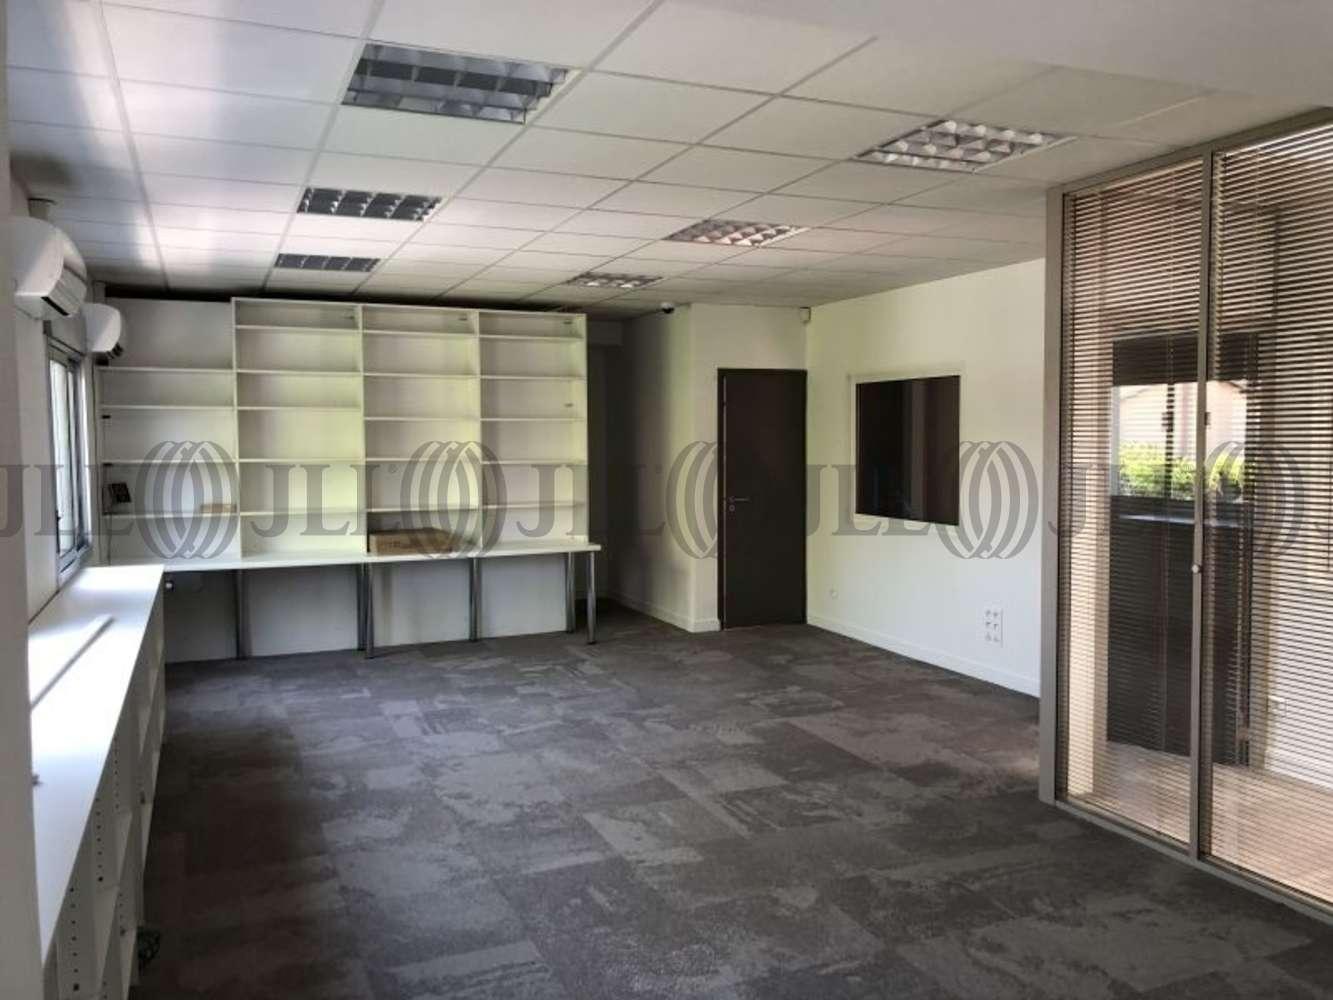 Activités/entrepôt Villeurbanne, 69100 - Location entrepôt Villeurbanne / Lyon - 10927784